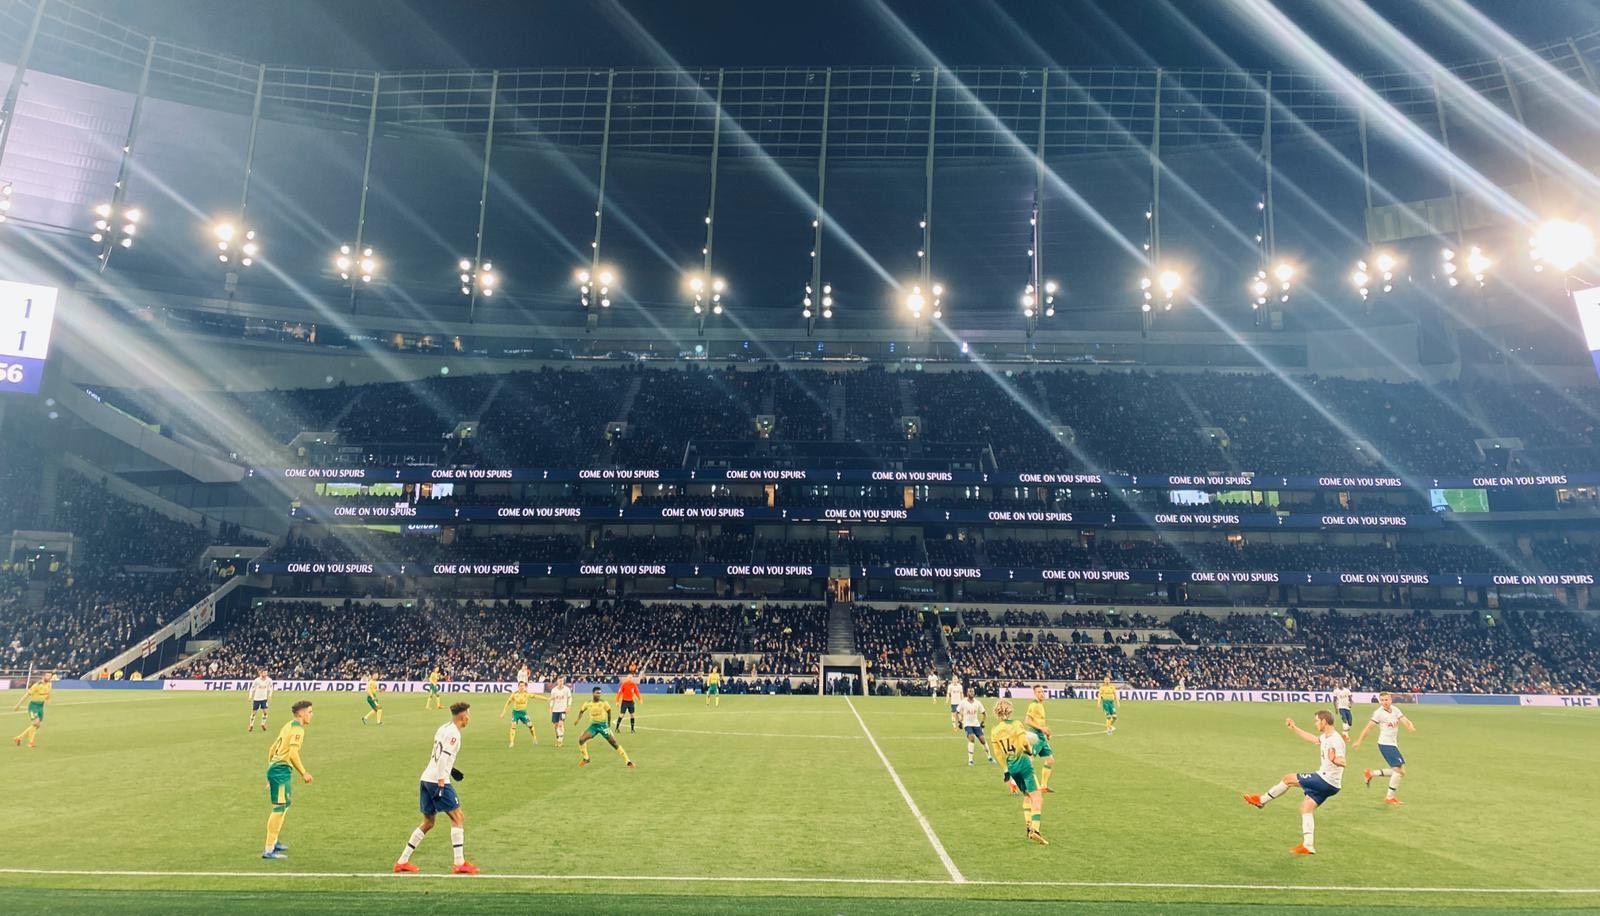 A visit to Tottenham Hotspur's new stadium